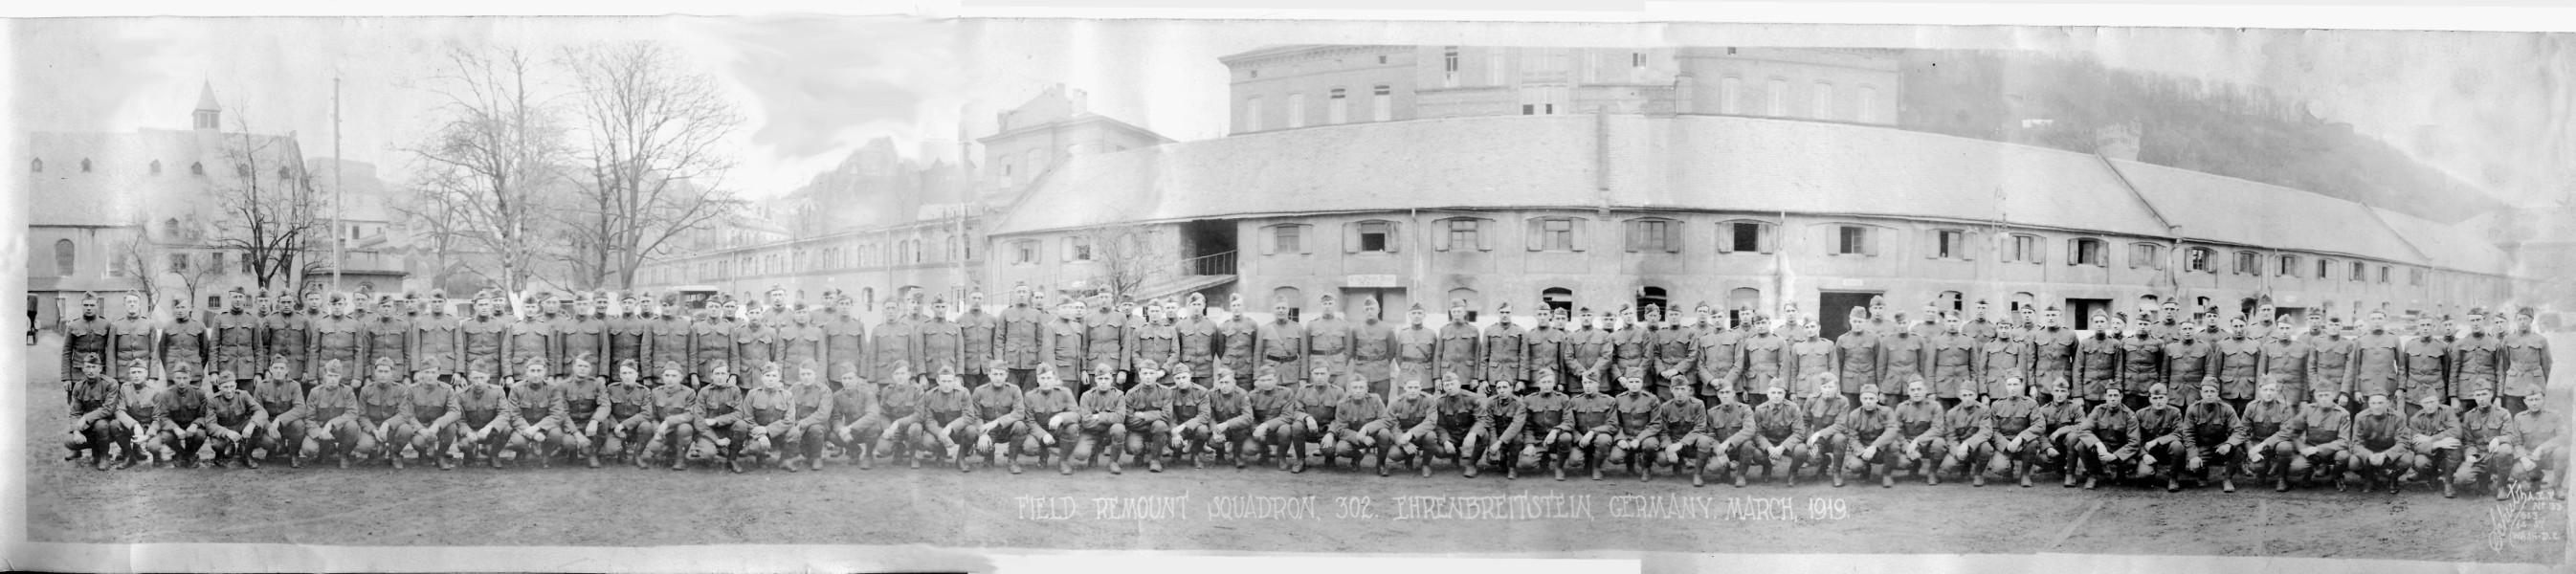 Remount Squadron No 302 in WW 1